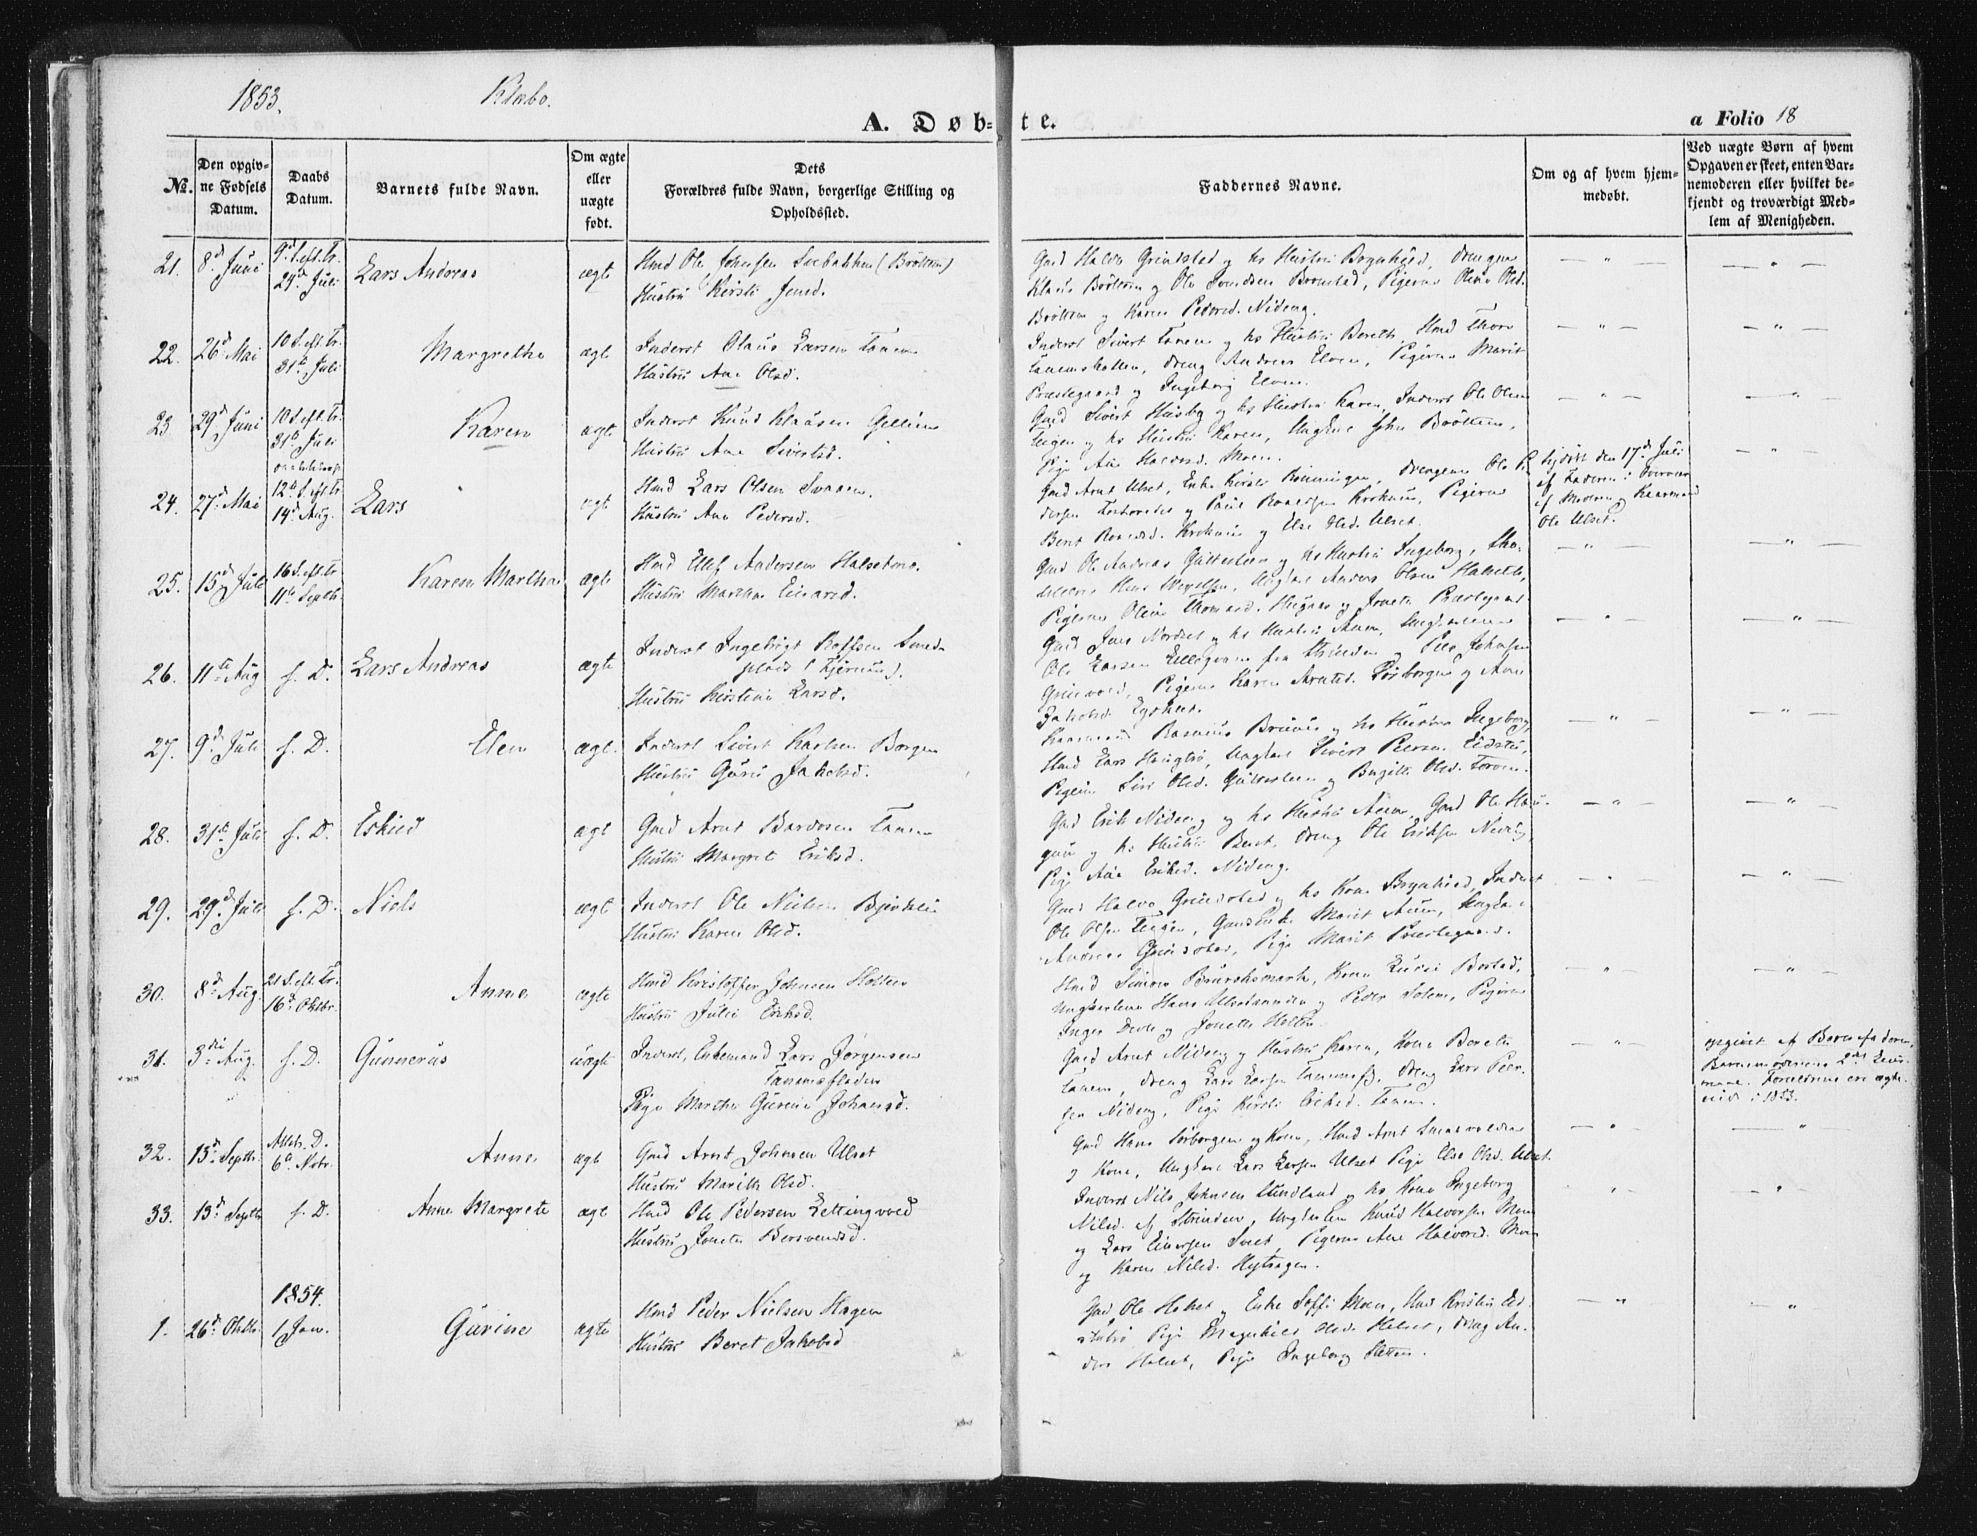 SAT, Ministerialprotokoller, klokkerbøker og fødselsregistre - Sør-Trøndelag, 618/L0441: Ministerialbok nr. 618A05, 1843-1862, s. 18